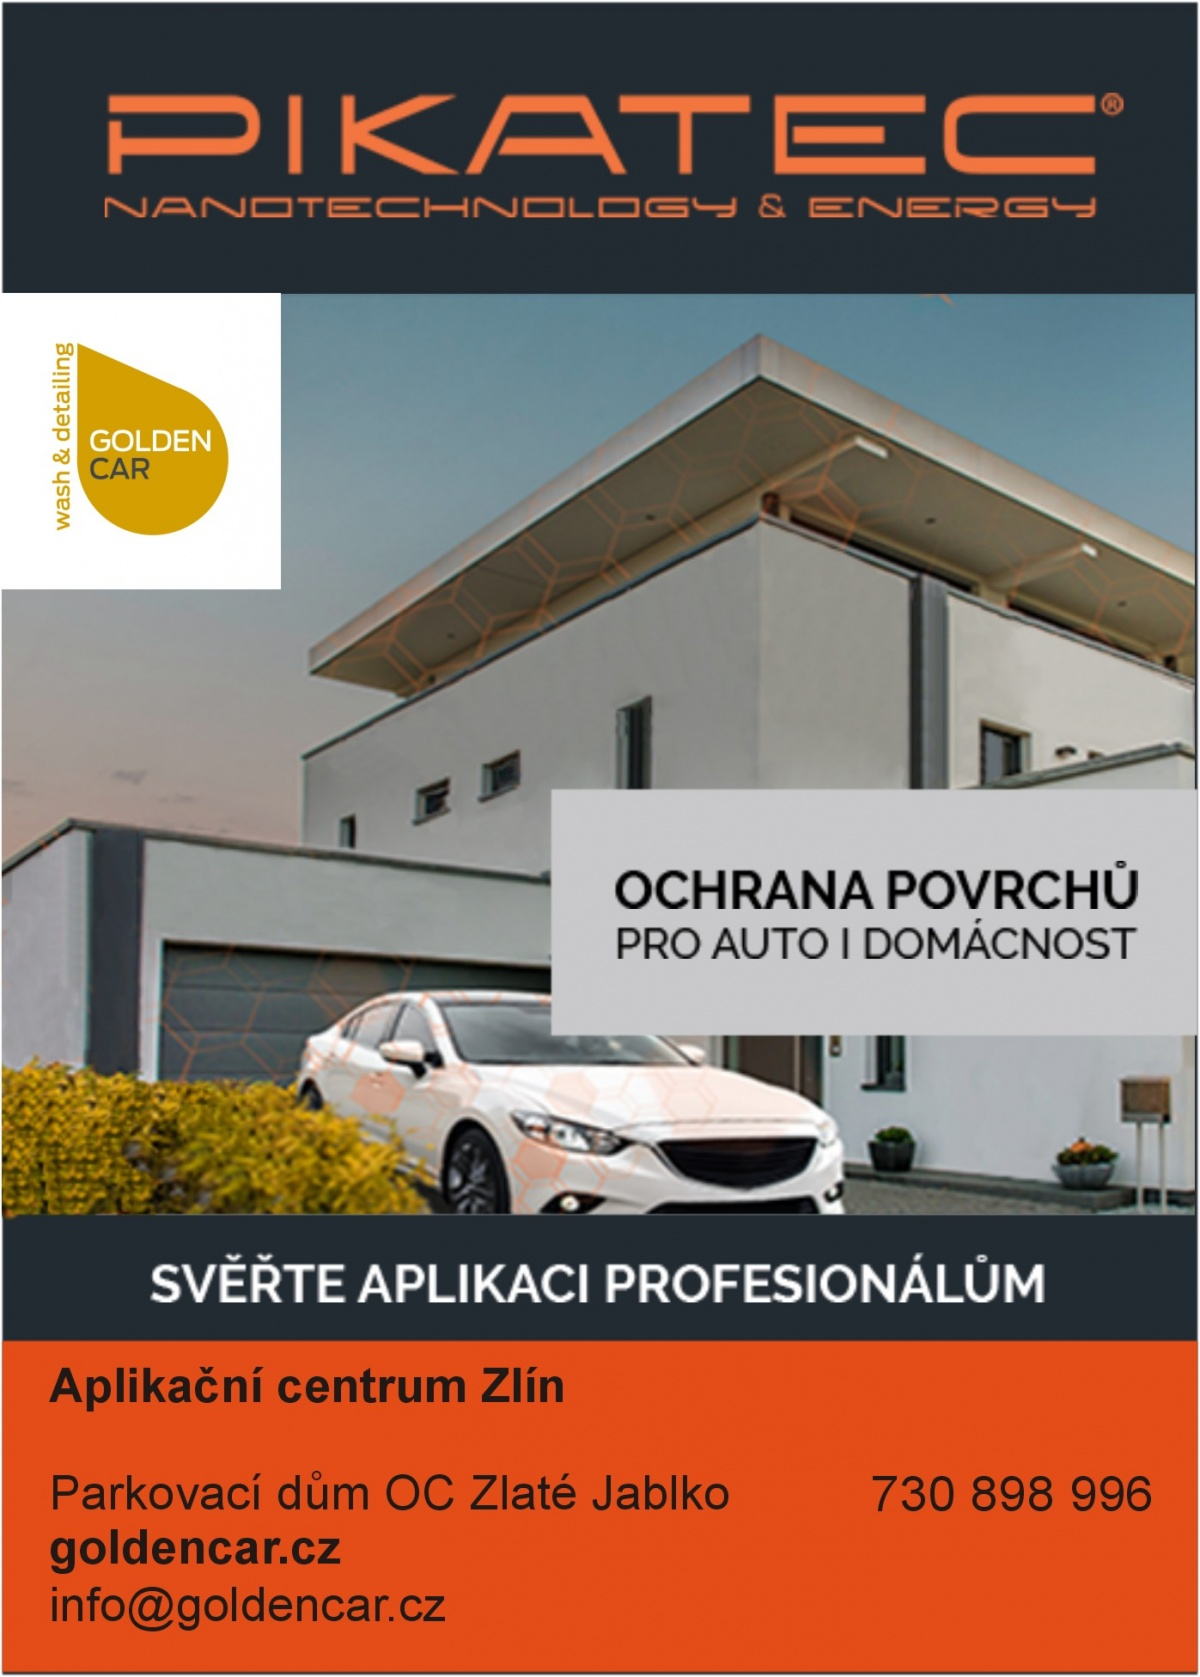 Aplikační centrum Pikatec v automyčce Golden Car 36f02ad253